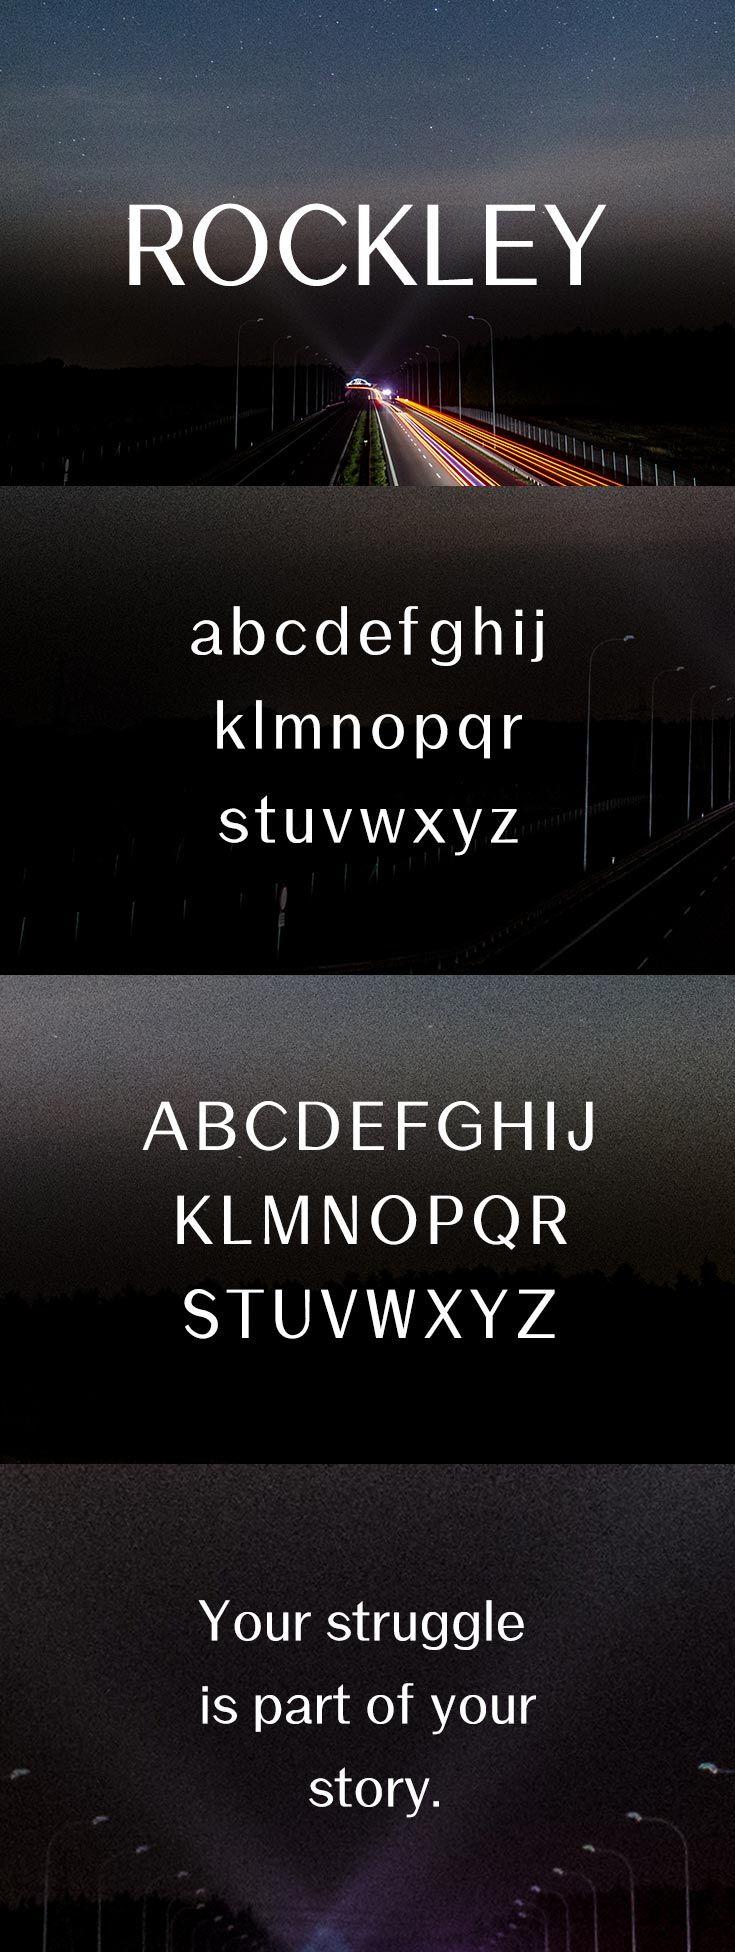 Download Free Rockley Sans Serif Font   Photoshop fonts, Sans serif ...